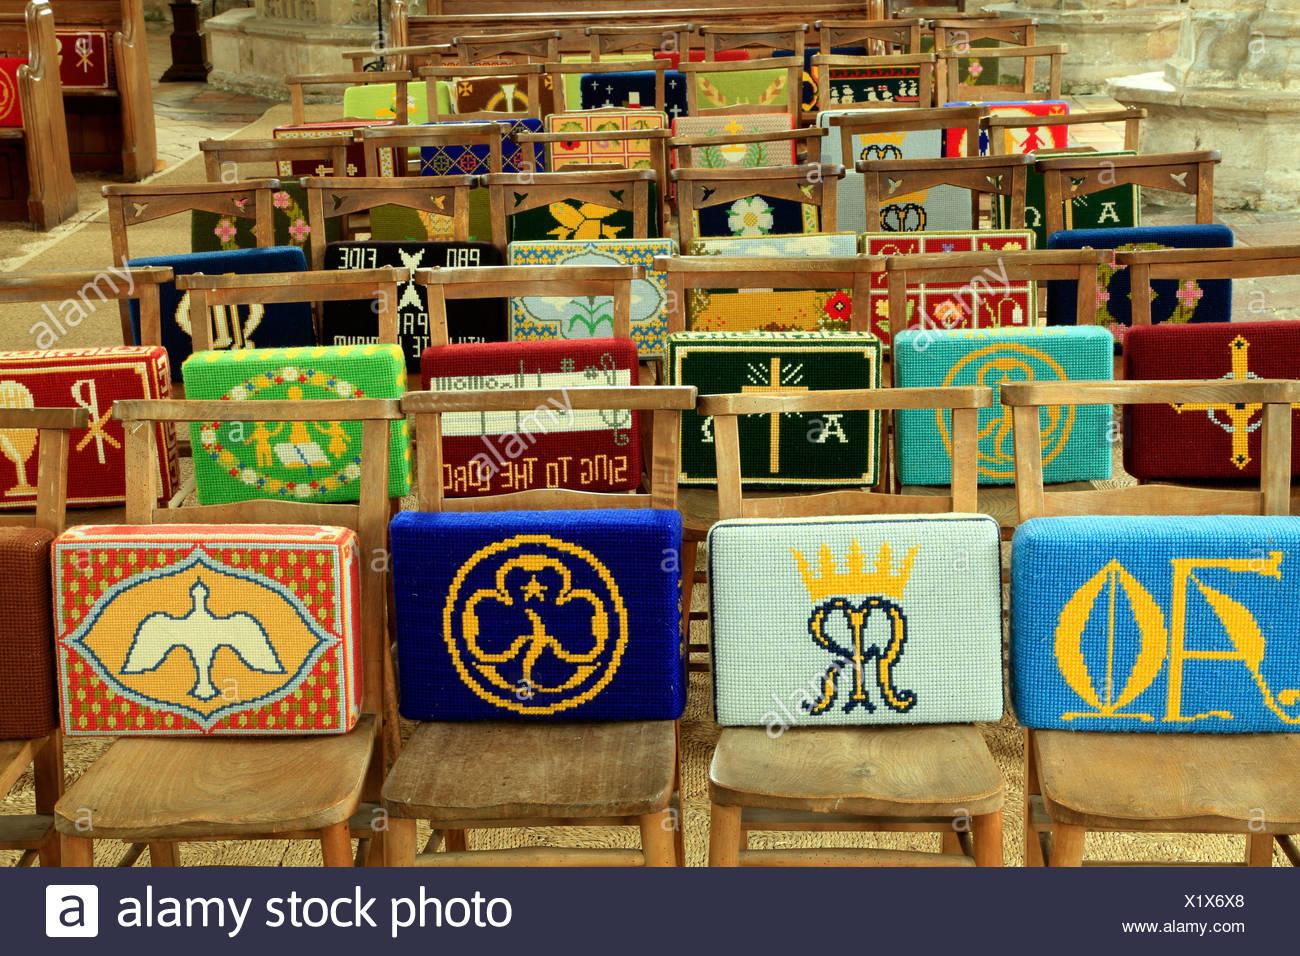 Kirche kniend Kissen Kirchenbank Kirchenbänke Stuhl Stühle bestickt Stickerei Deko Dekoration Kniebank Knie-Kissen Sitzkissen Stockbild